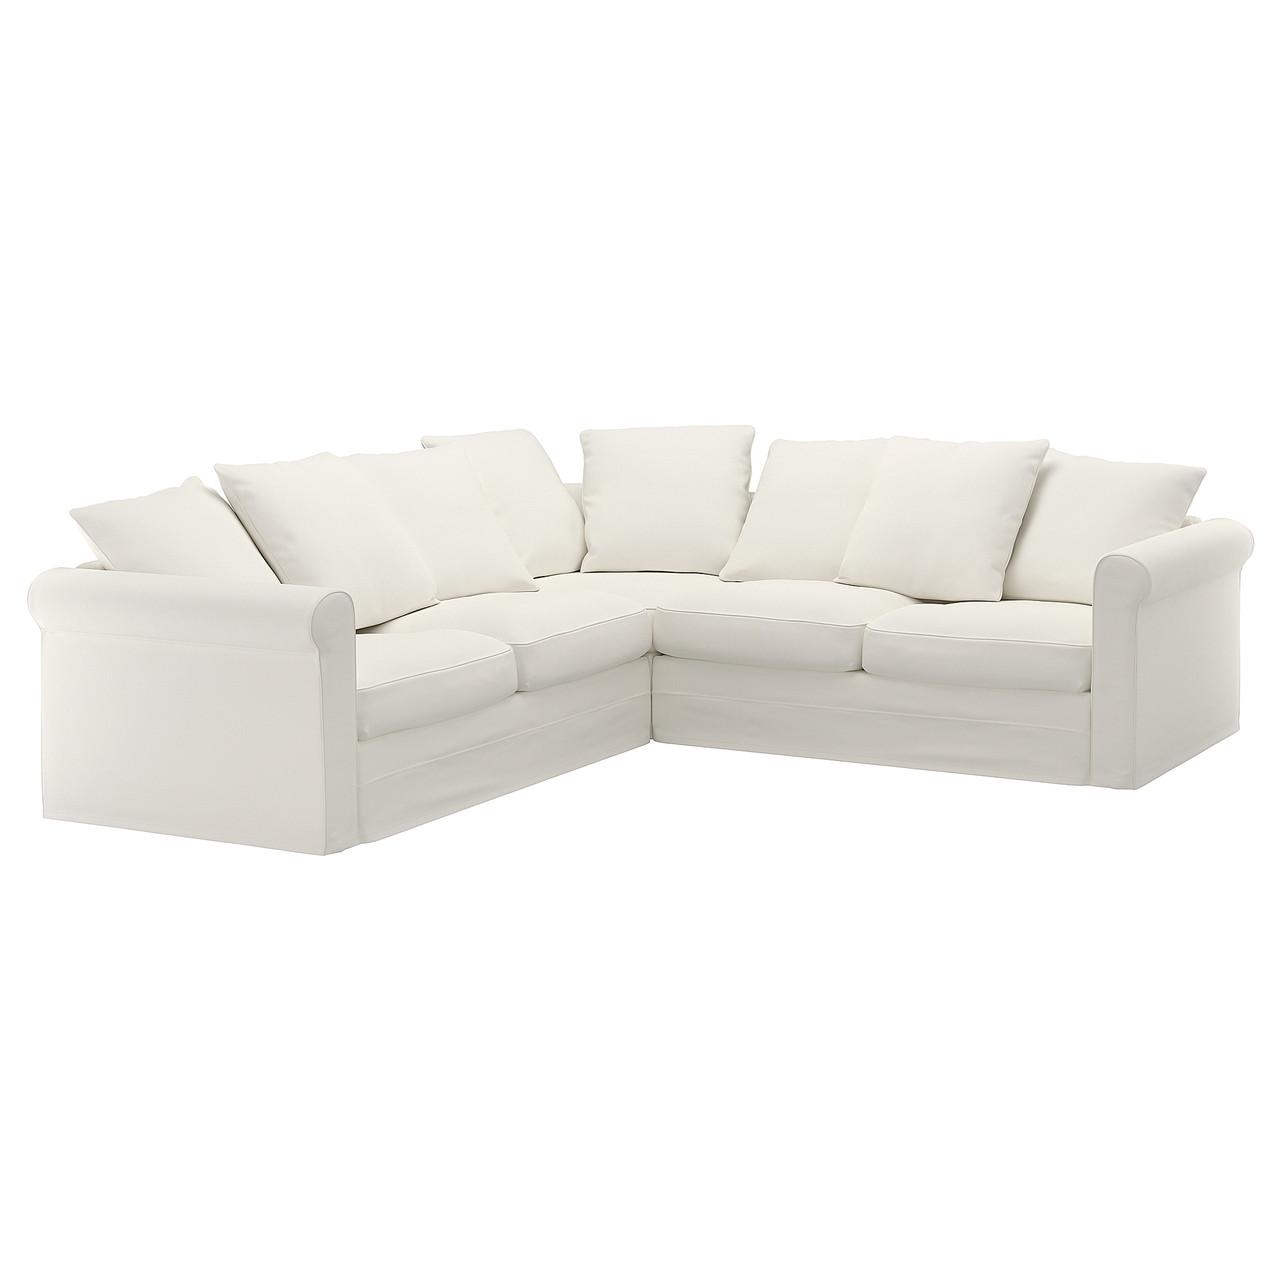 Ikea Gronlid 4 местный угловой диван Inseros белый 29254671